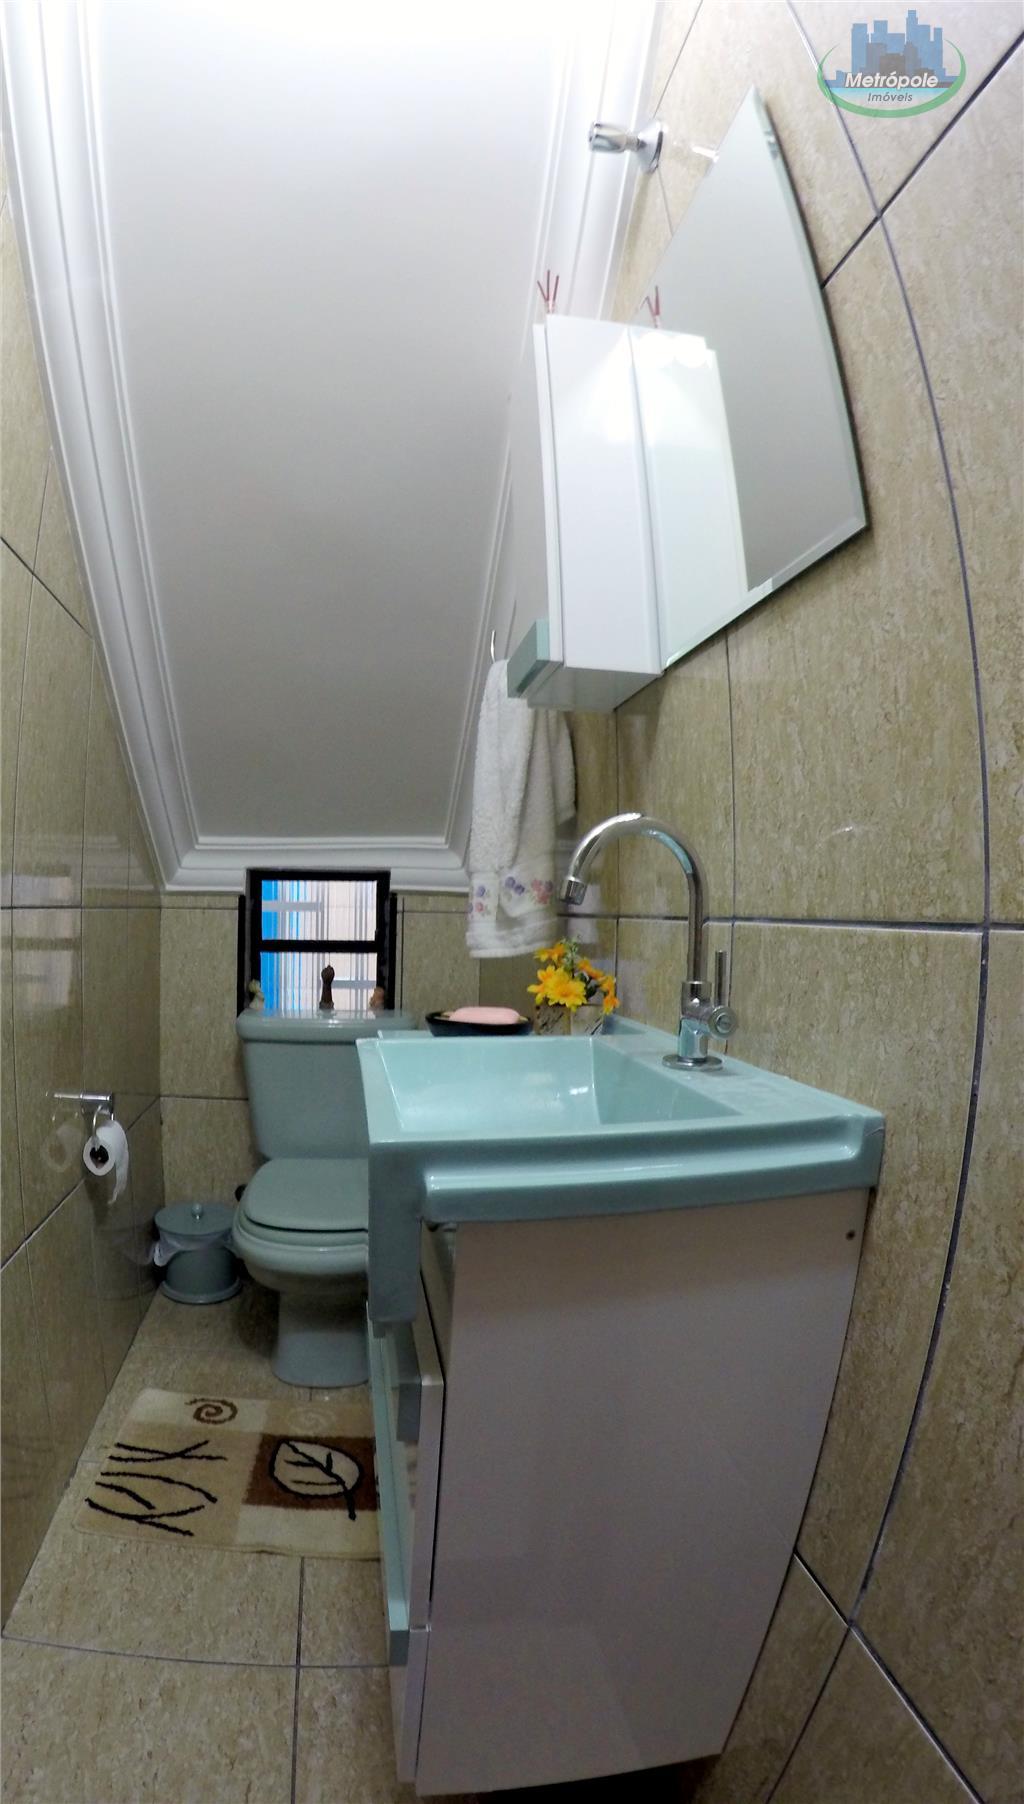 Sobrado de 3 dormitórios à venda em Jardim Bela Vista, Guarulhos - SP